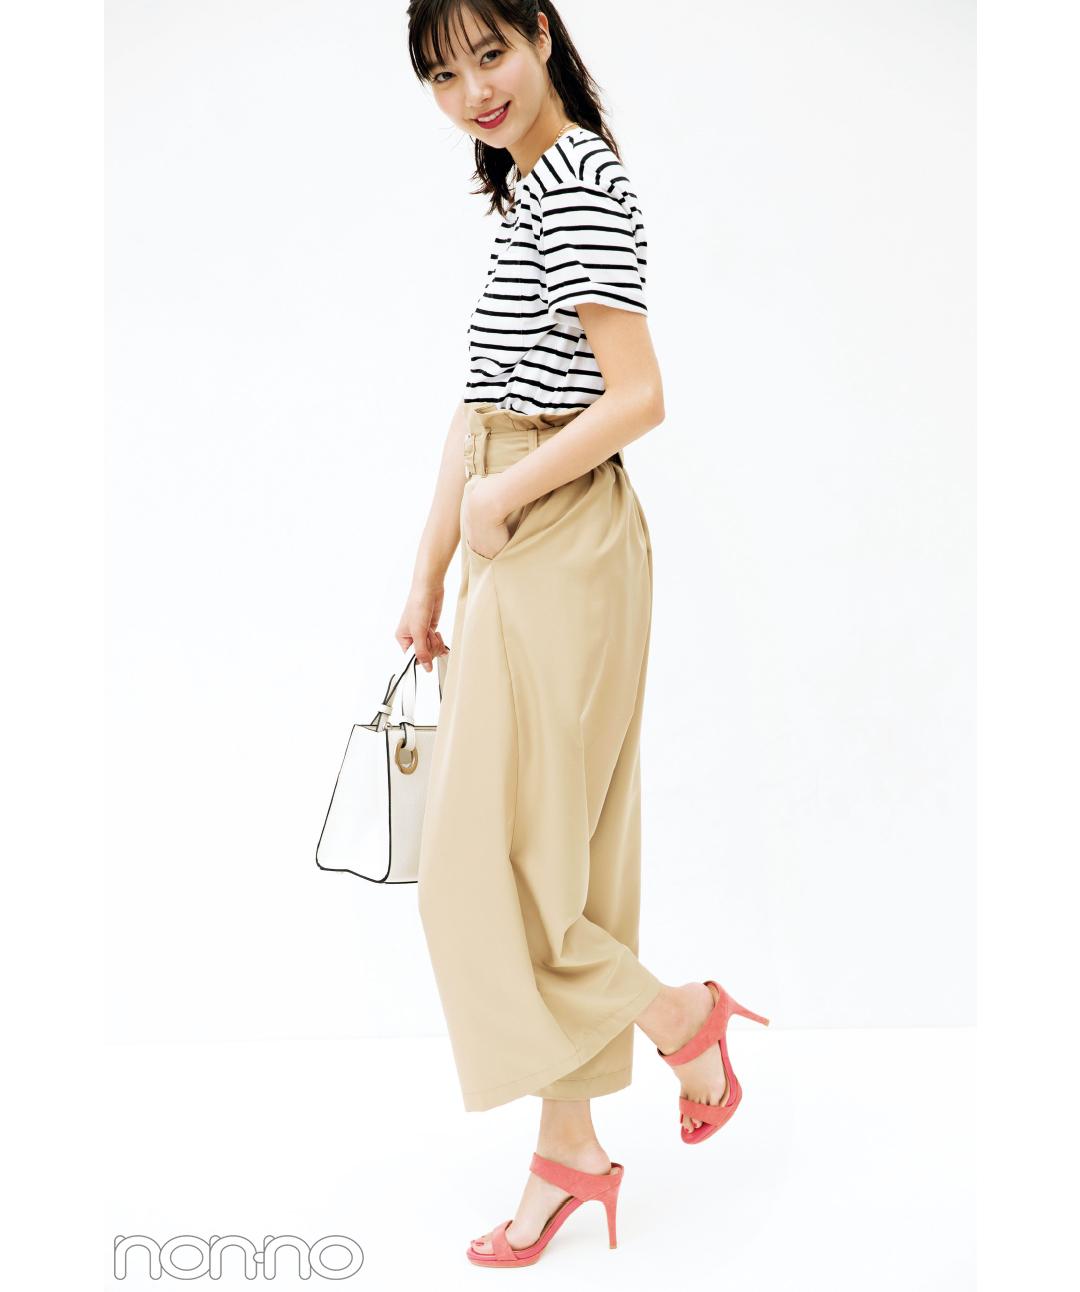 ボーダーTシャツなのに女っぽい! 新川優愛の着回しコーデ1×5_1_3-2